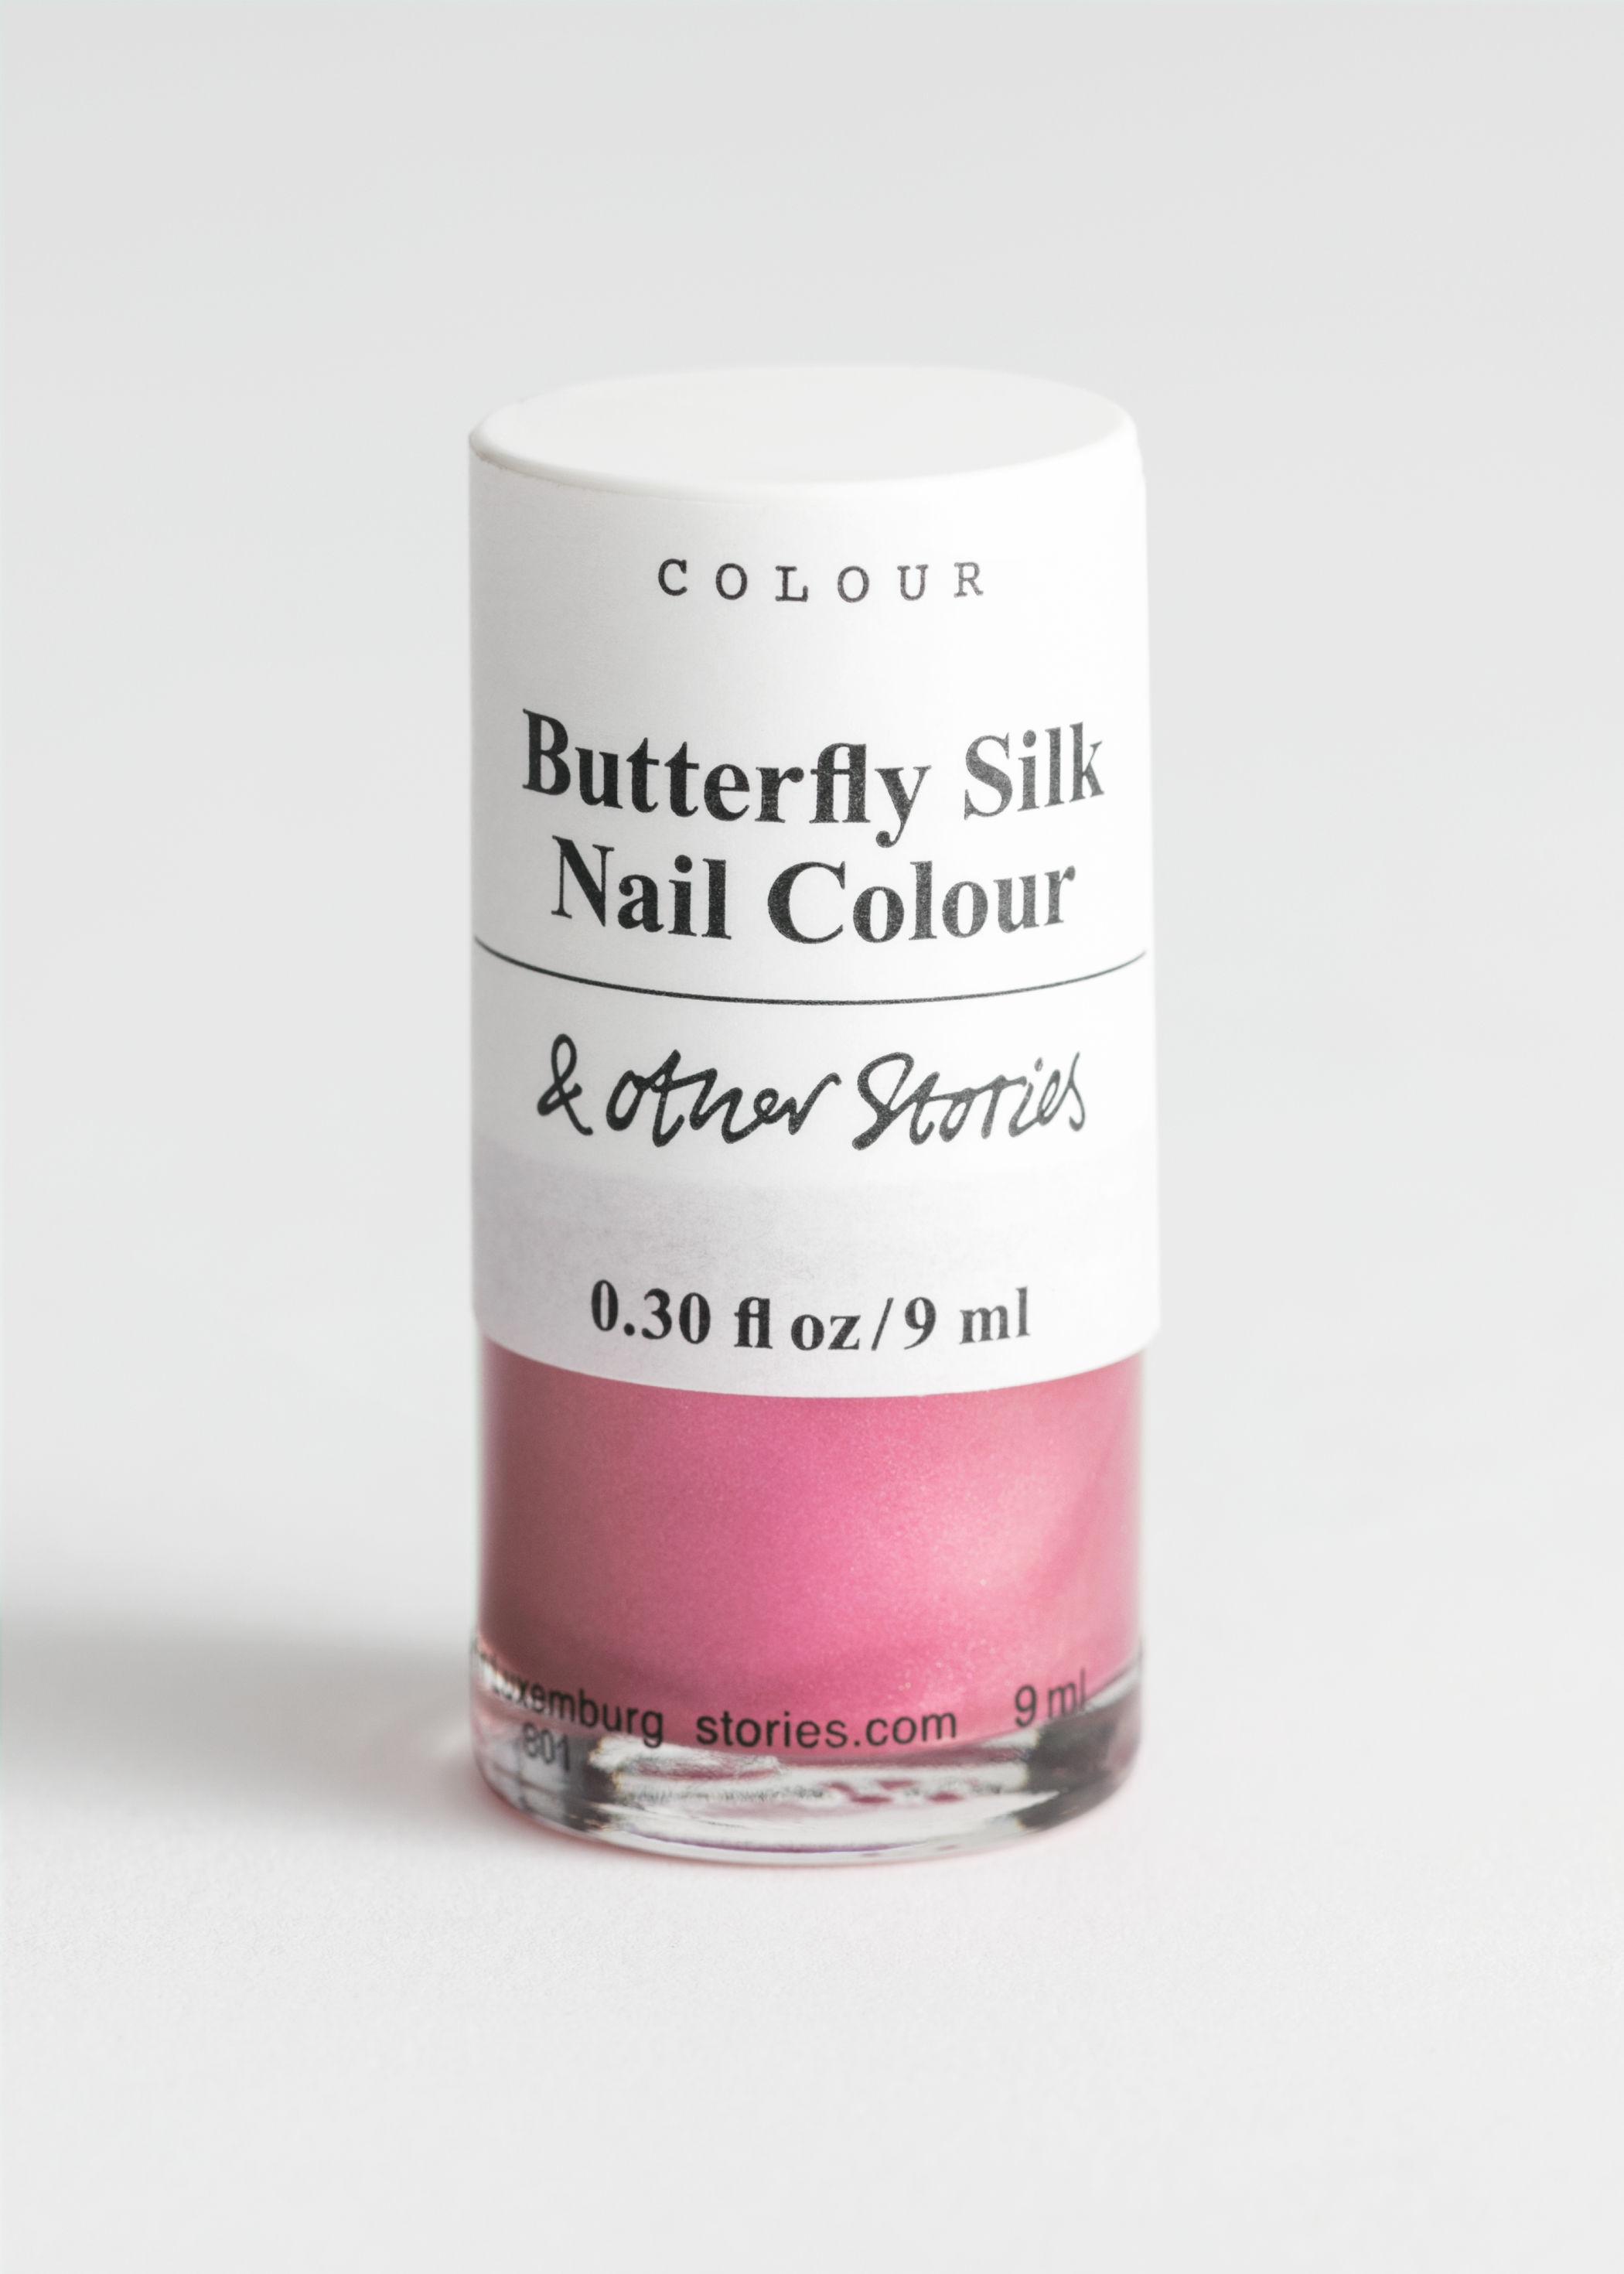 앤 아더 스토리즈 '버터플라이 실크' 네일 폴리시 매니큐어 (9ml) & OTHER STORIES Butterfly Silk Nail Polish